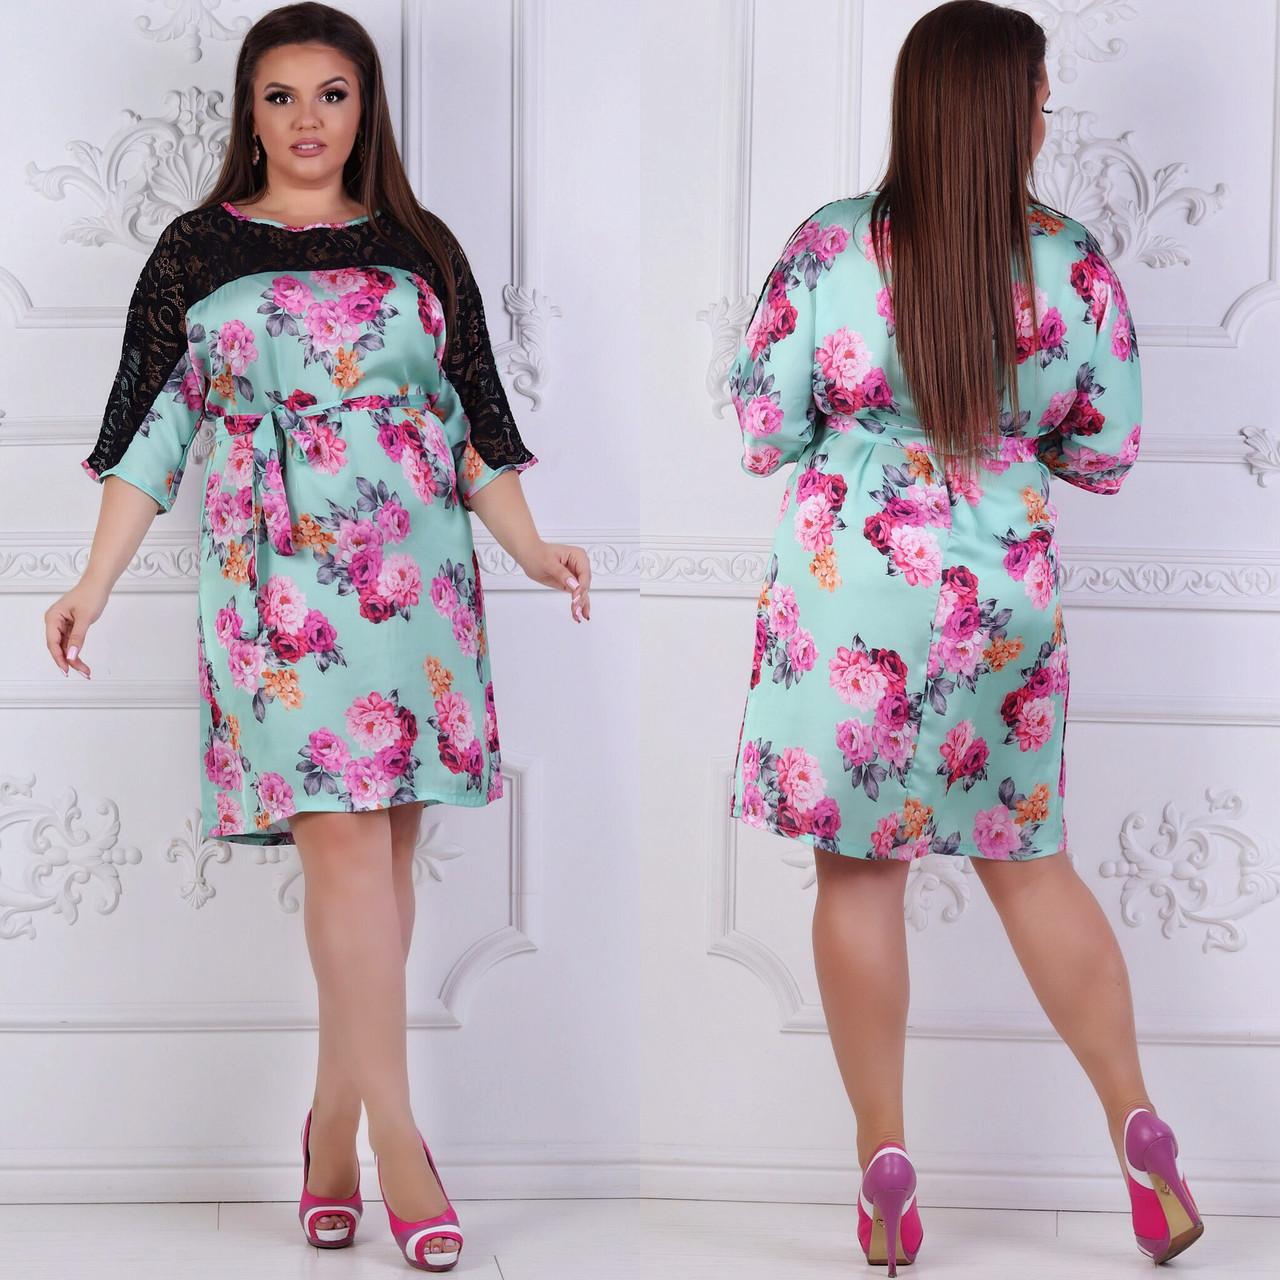 Платье больших размеров 48, 50, 52, 54, 56 с цветочным принтом из легкого атласа с кружевом   арт 237/3-126